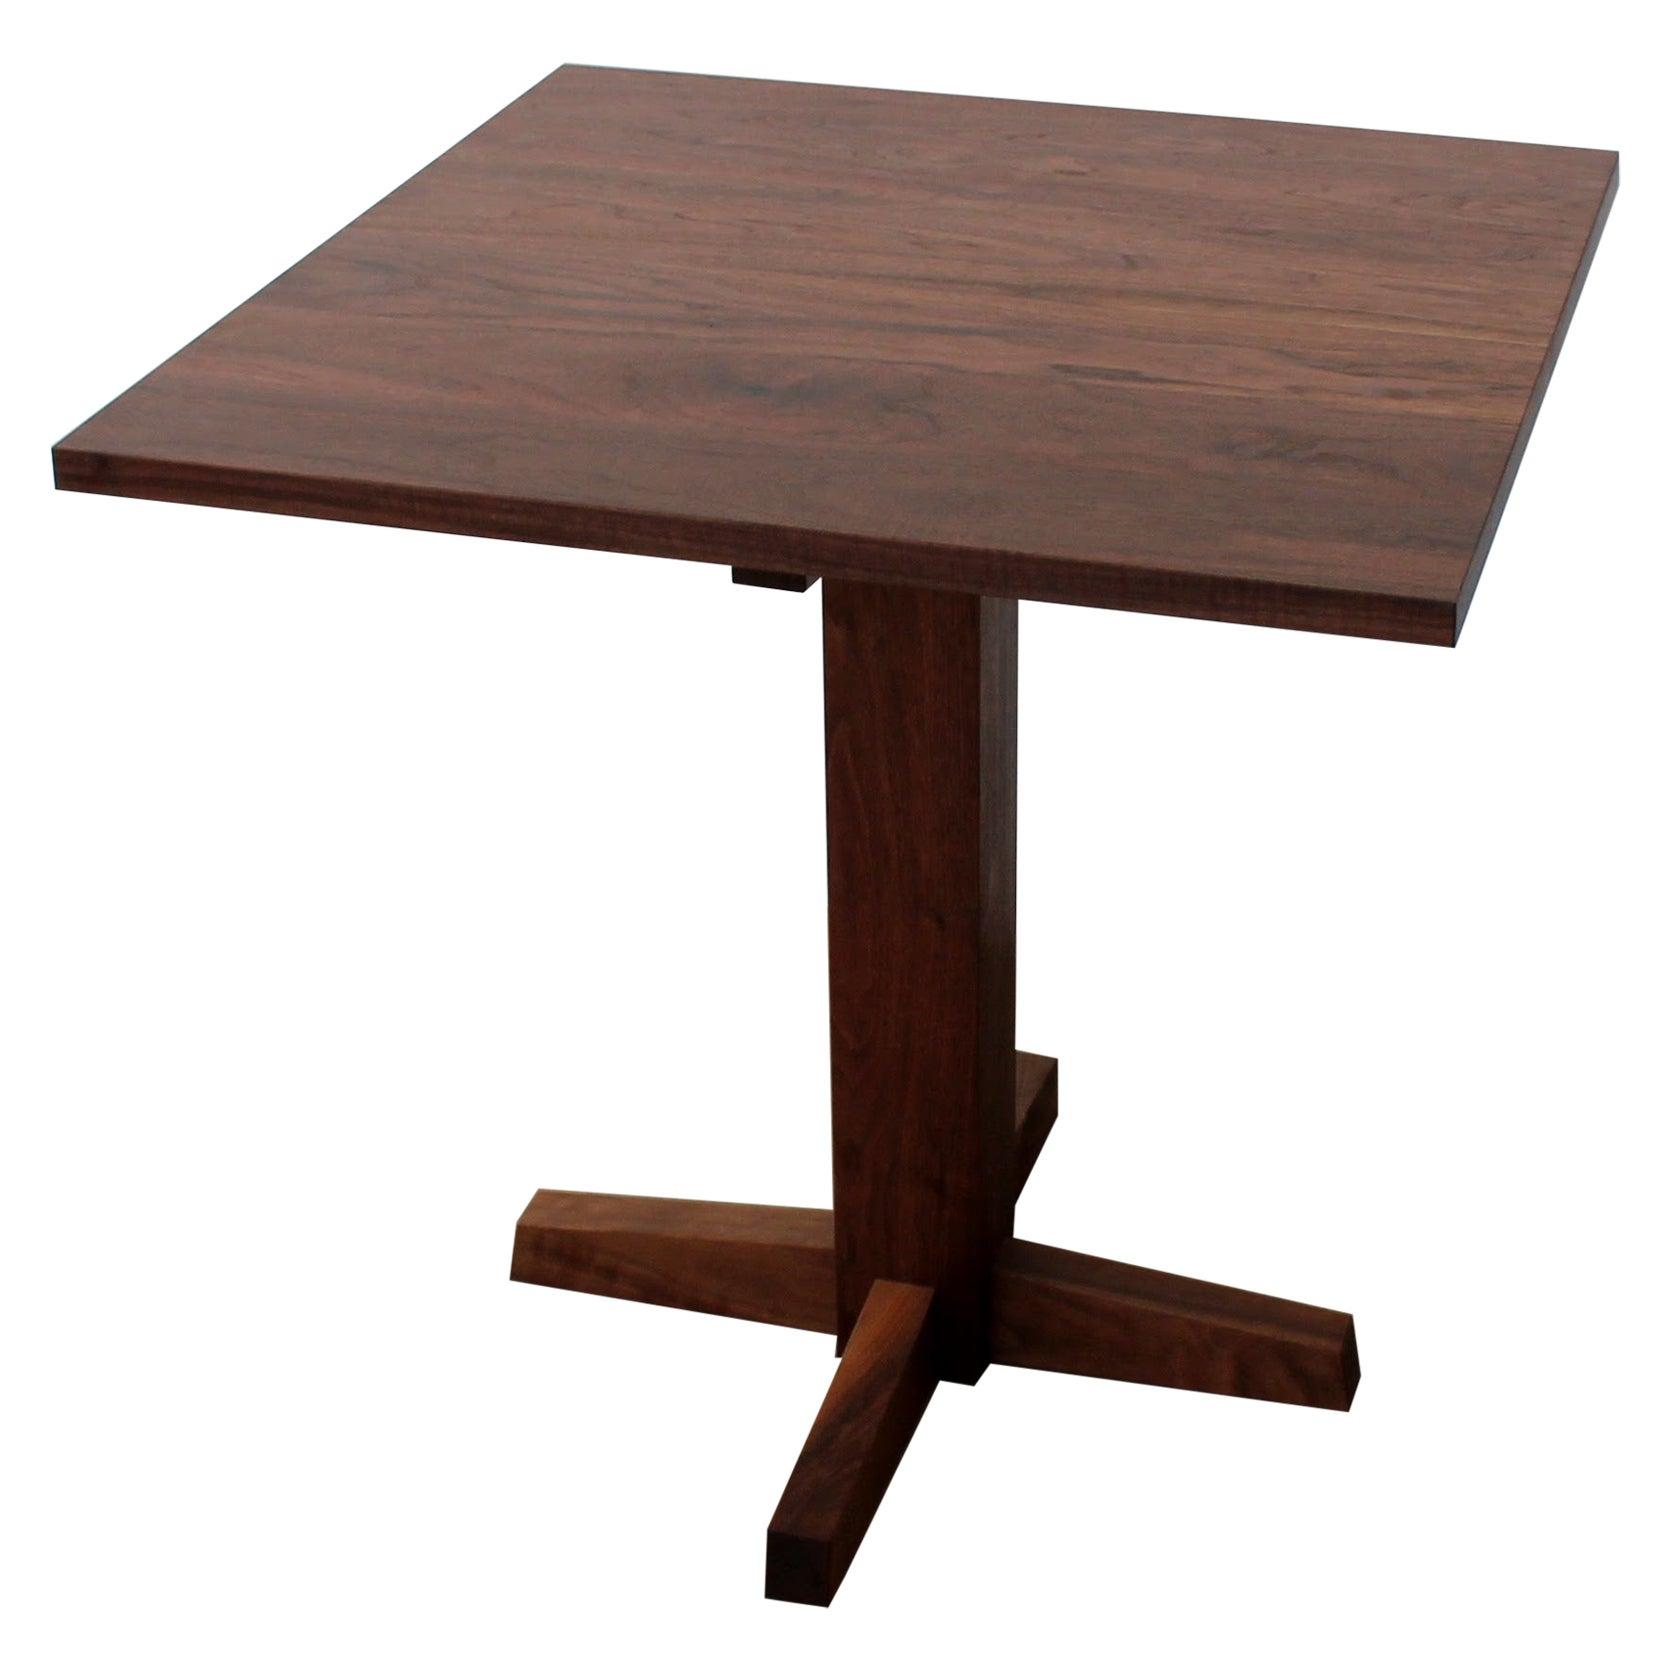 Little Dume Pedestal Table in Walnut